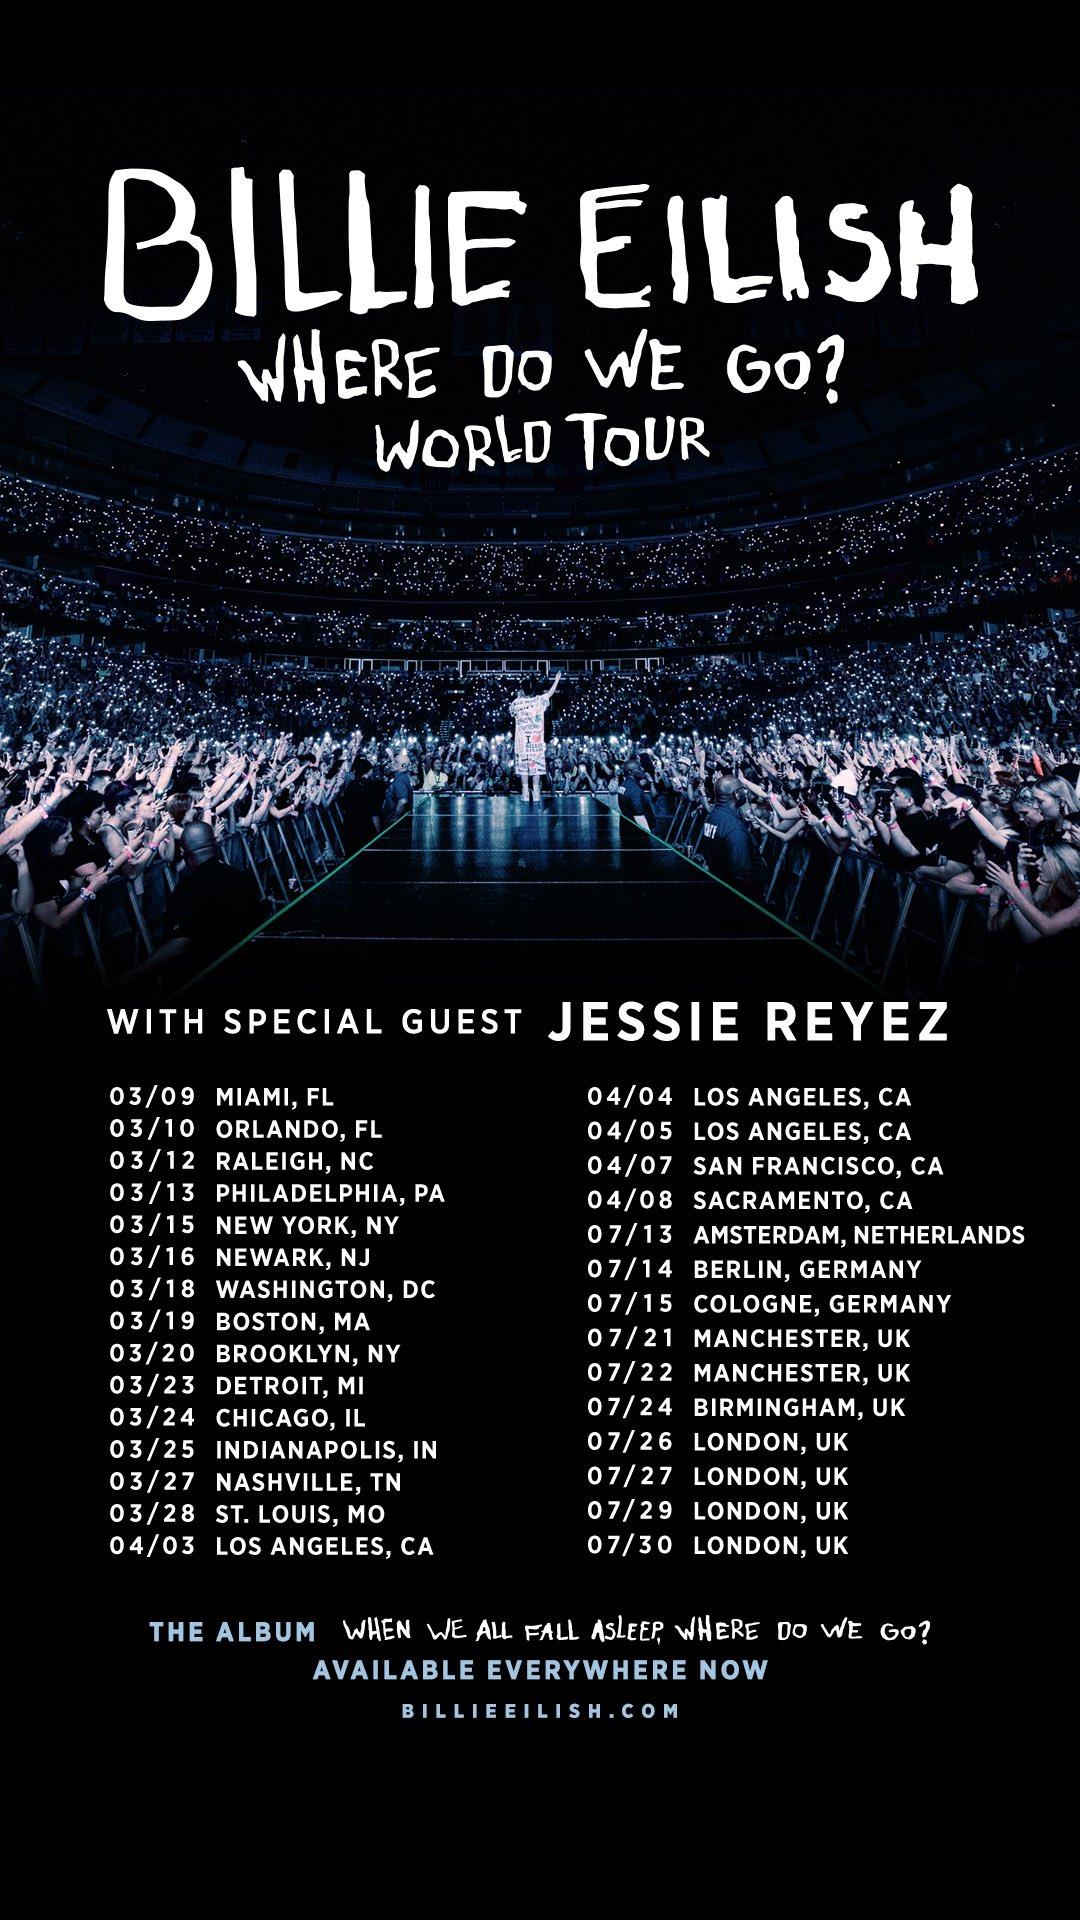 https://www.billieforum.com/media/2020_tour_w_jessie_reyez-jpeg.4089/full